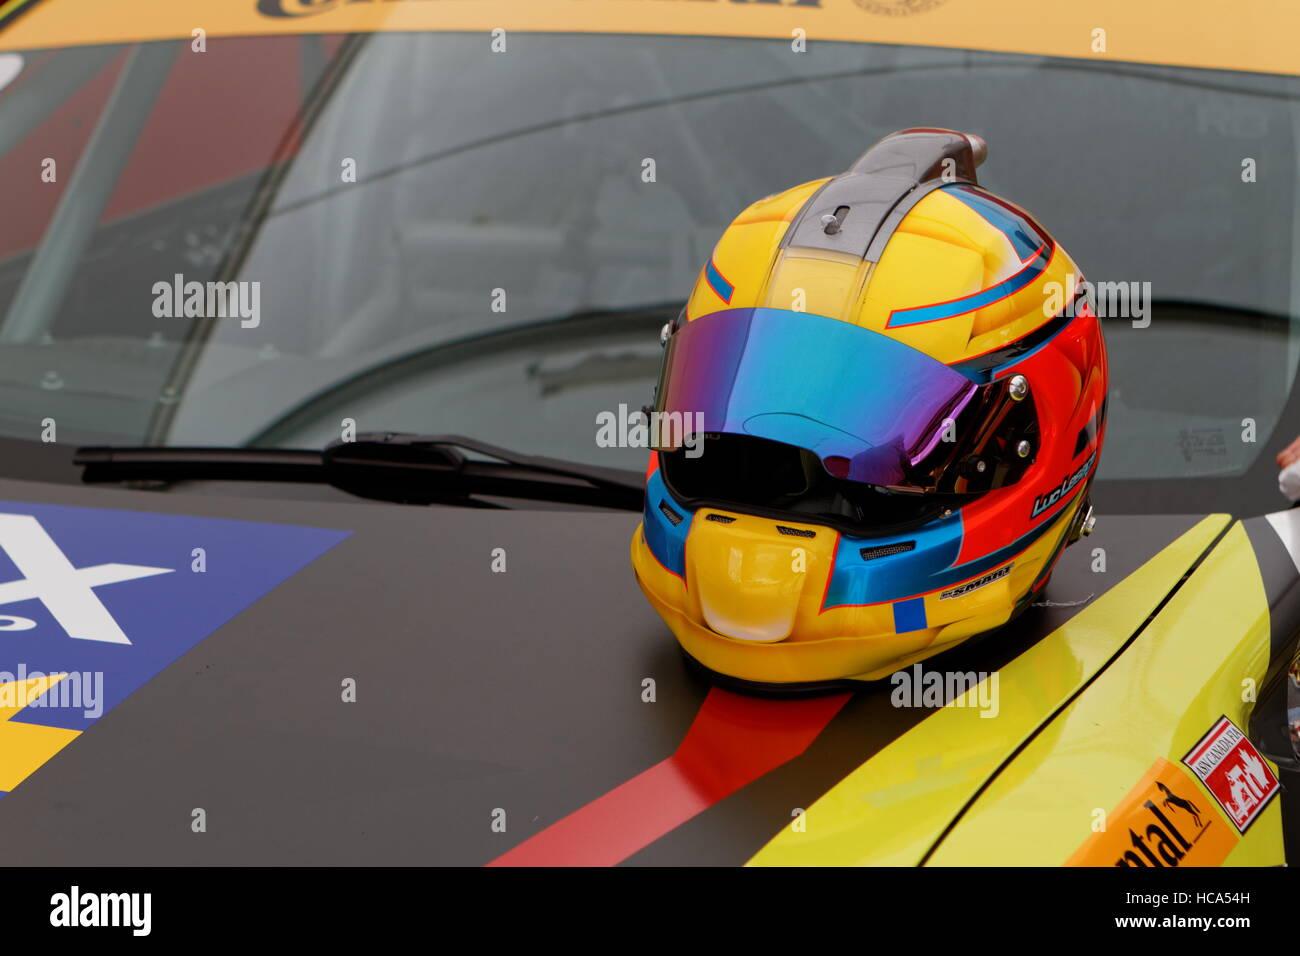 Ein Rennfahrer Helm auf der Motorhaube eines Autos bereit für das Rennen in CTCC, kanadische Touring Car Championship Stockbild